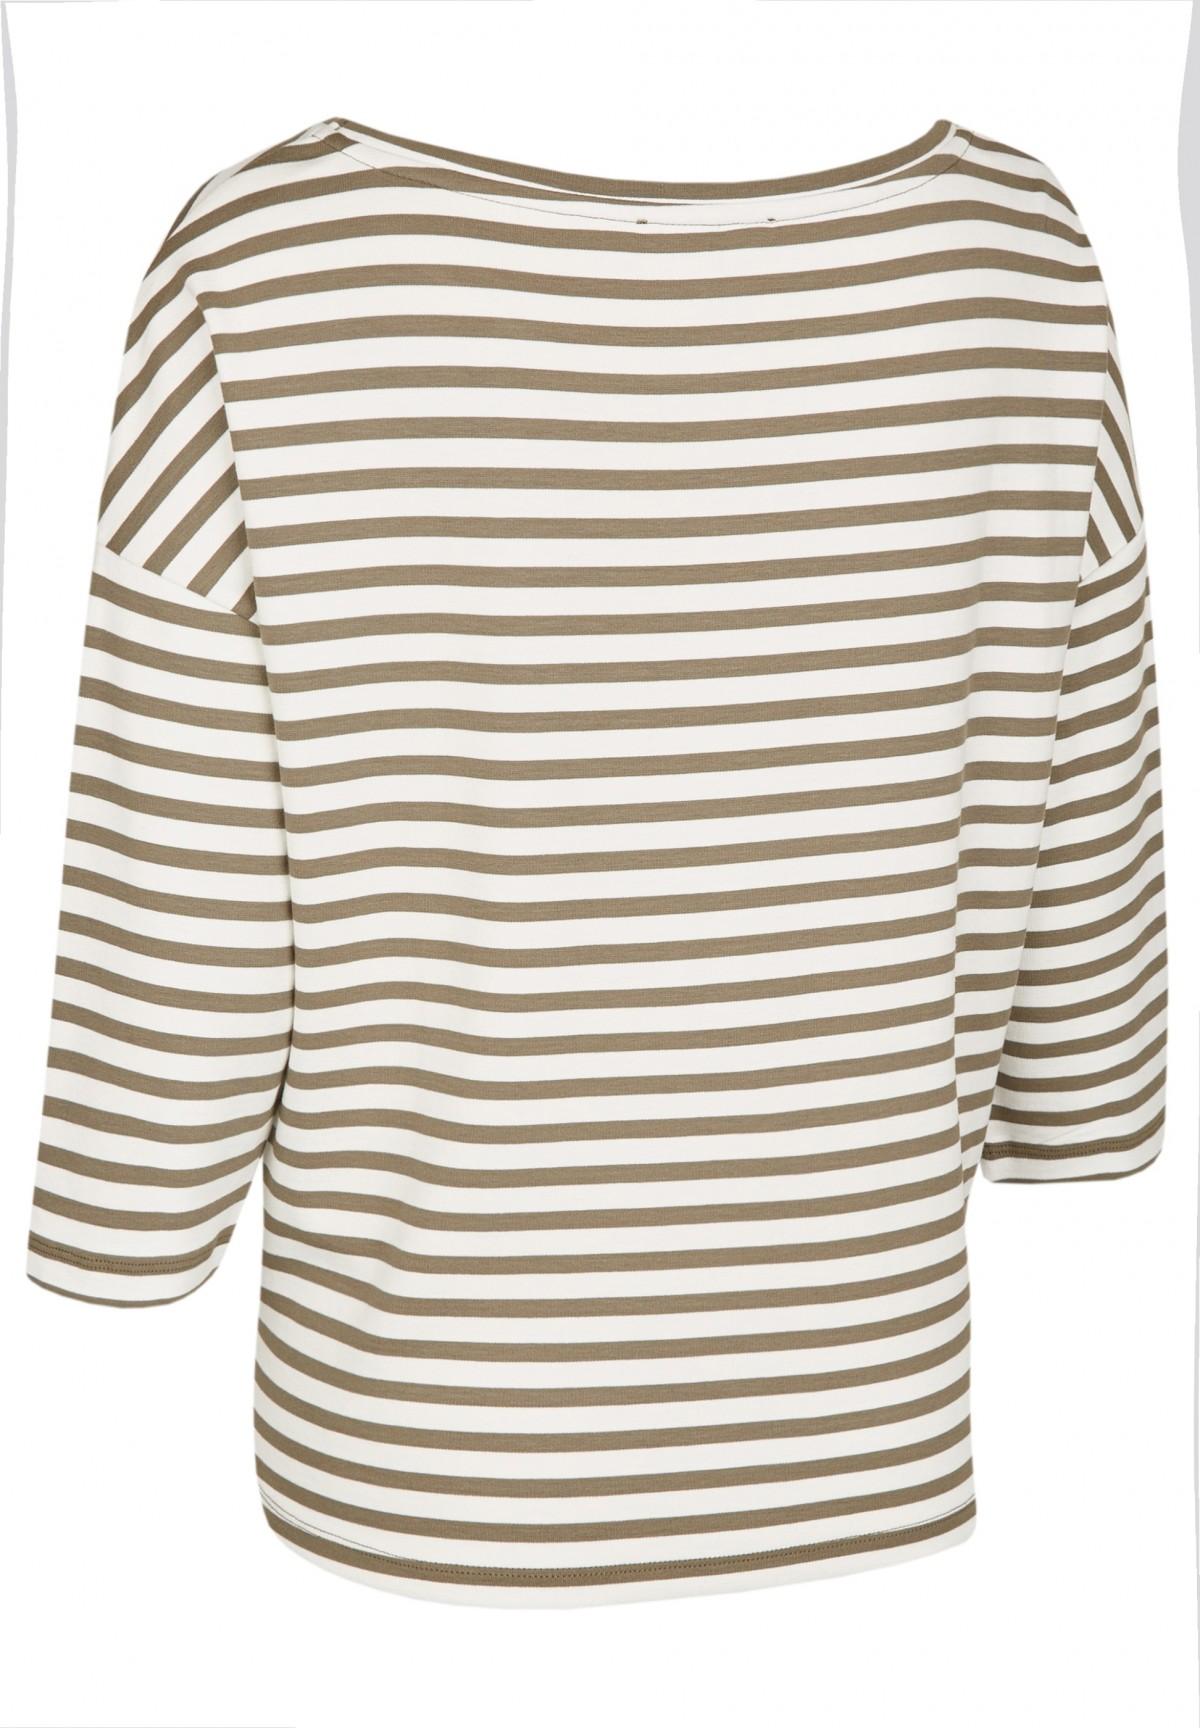 Klassisches Shirt / Klassisches Shirt